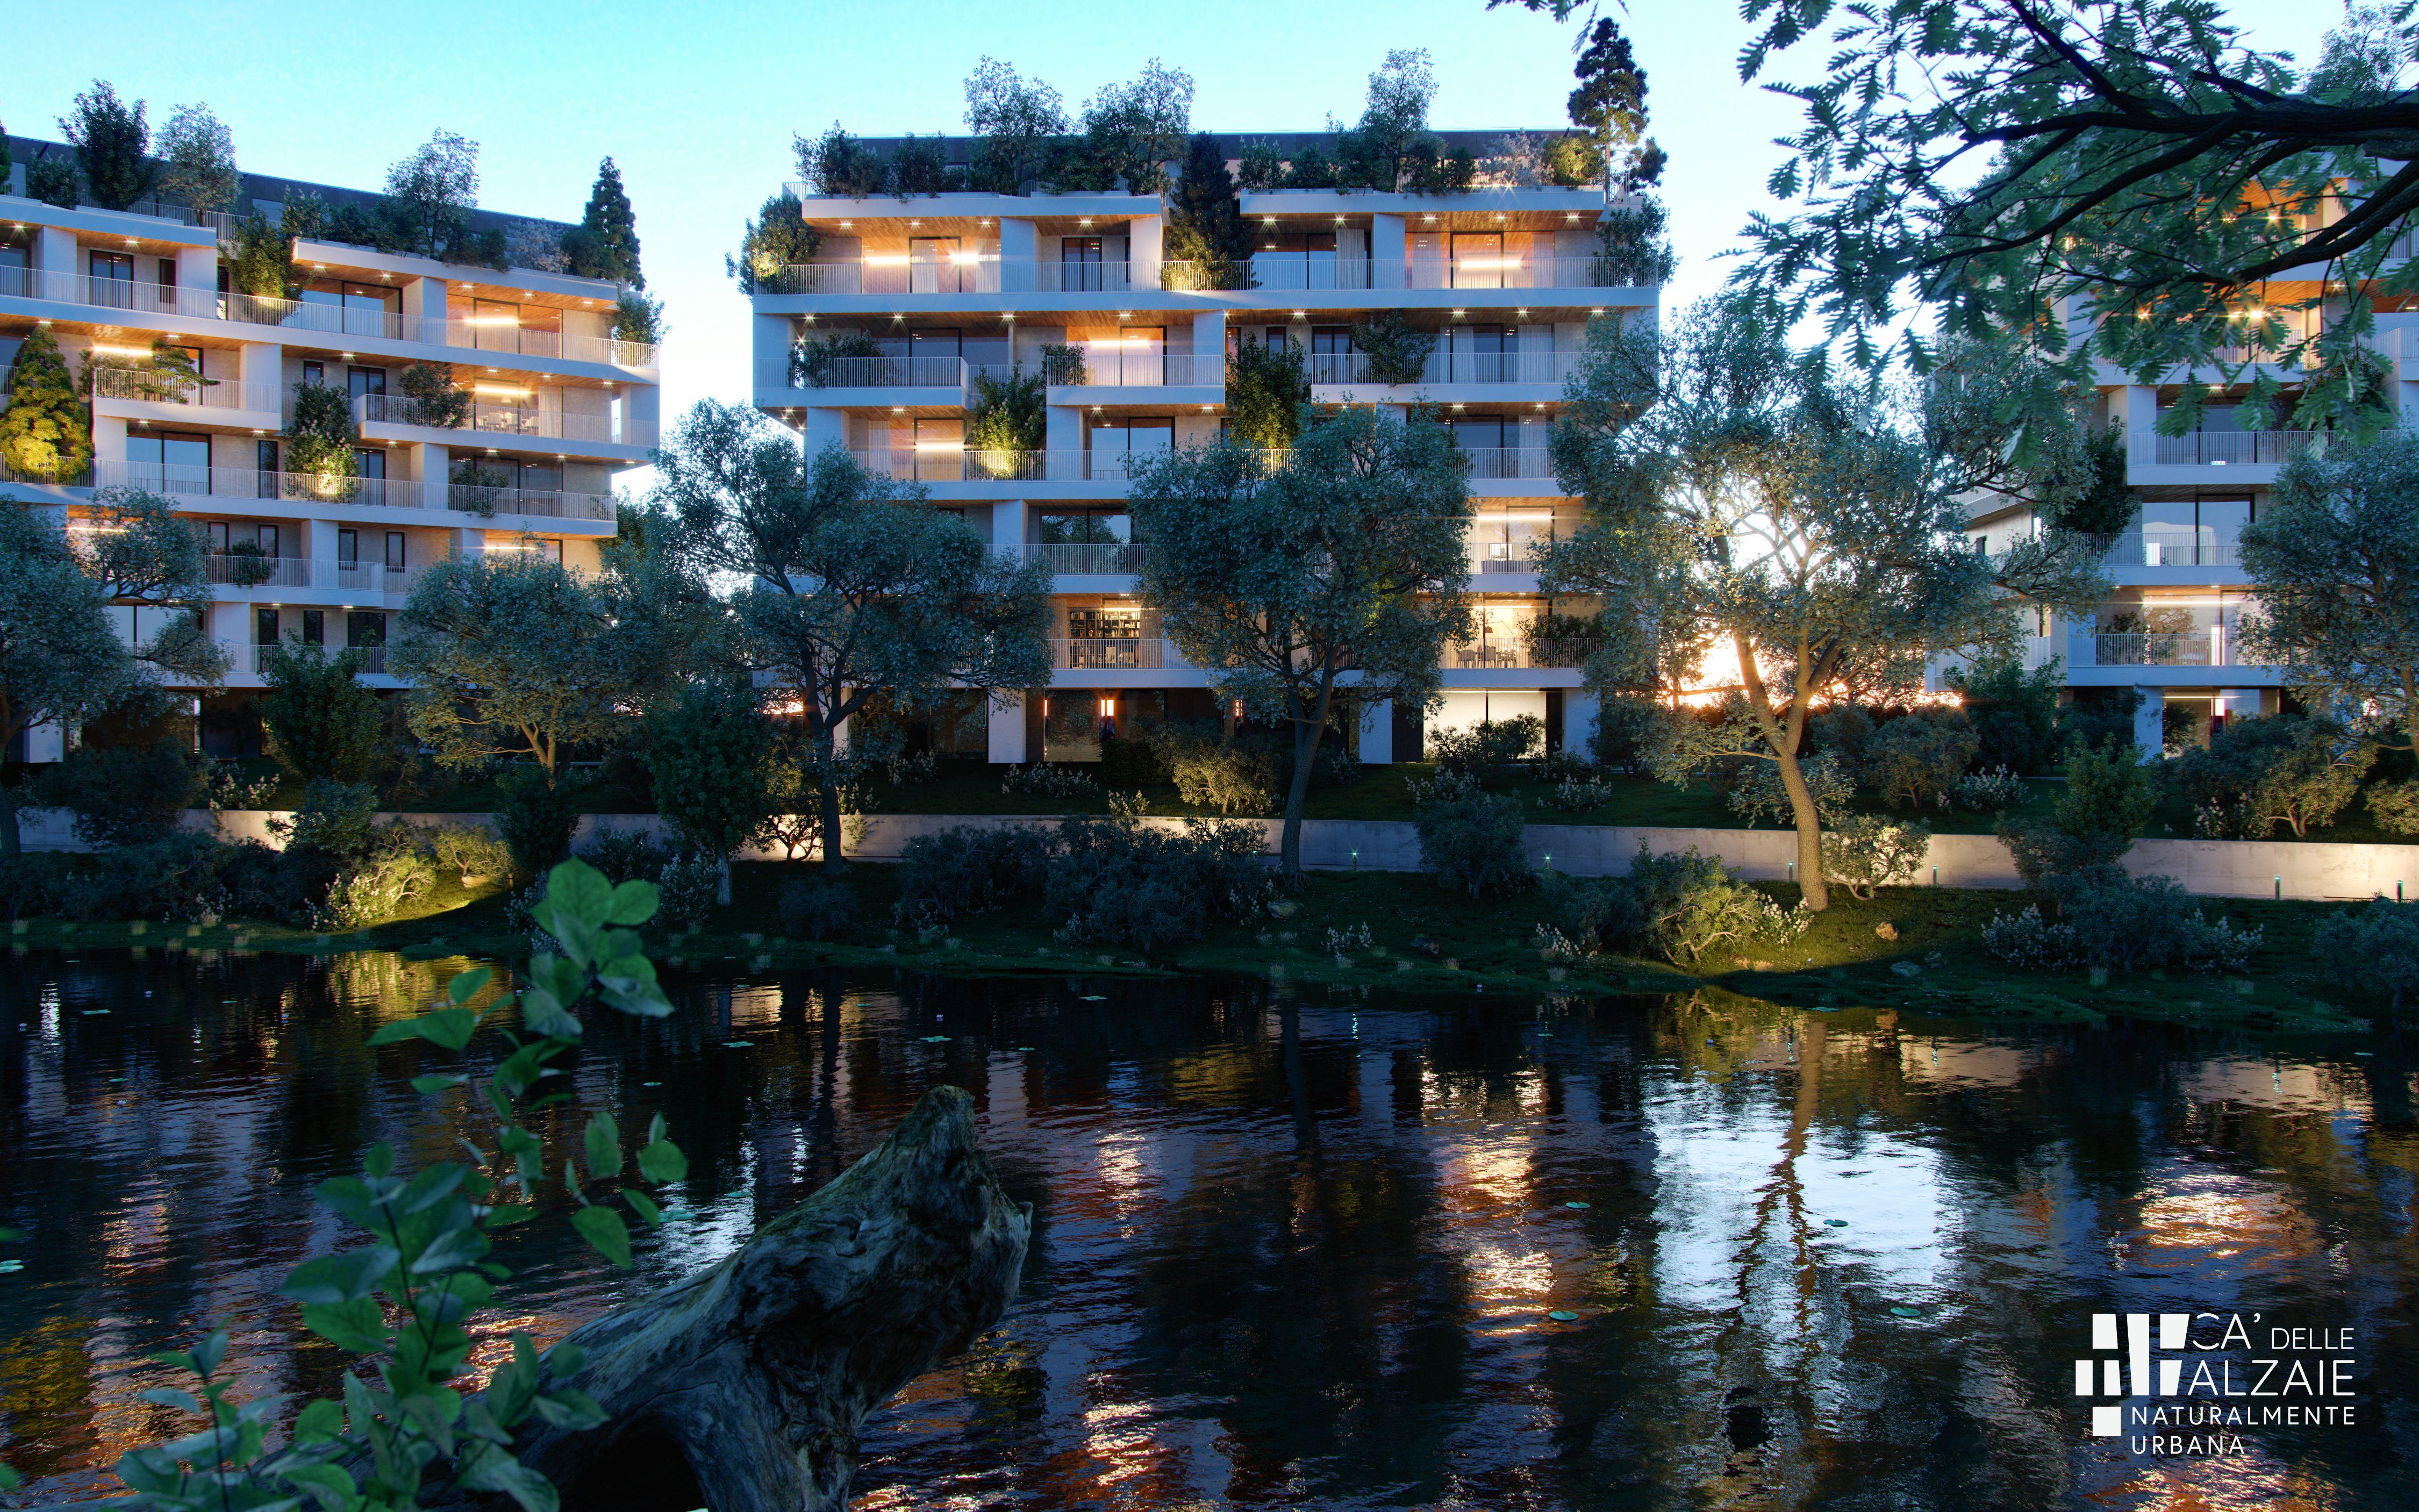 Offerte Lavoro Architetto Treviso treviso. il «bosco verticale» che dialoga con il sile. le